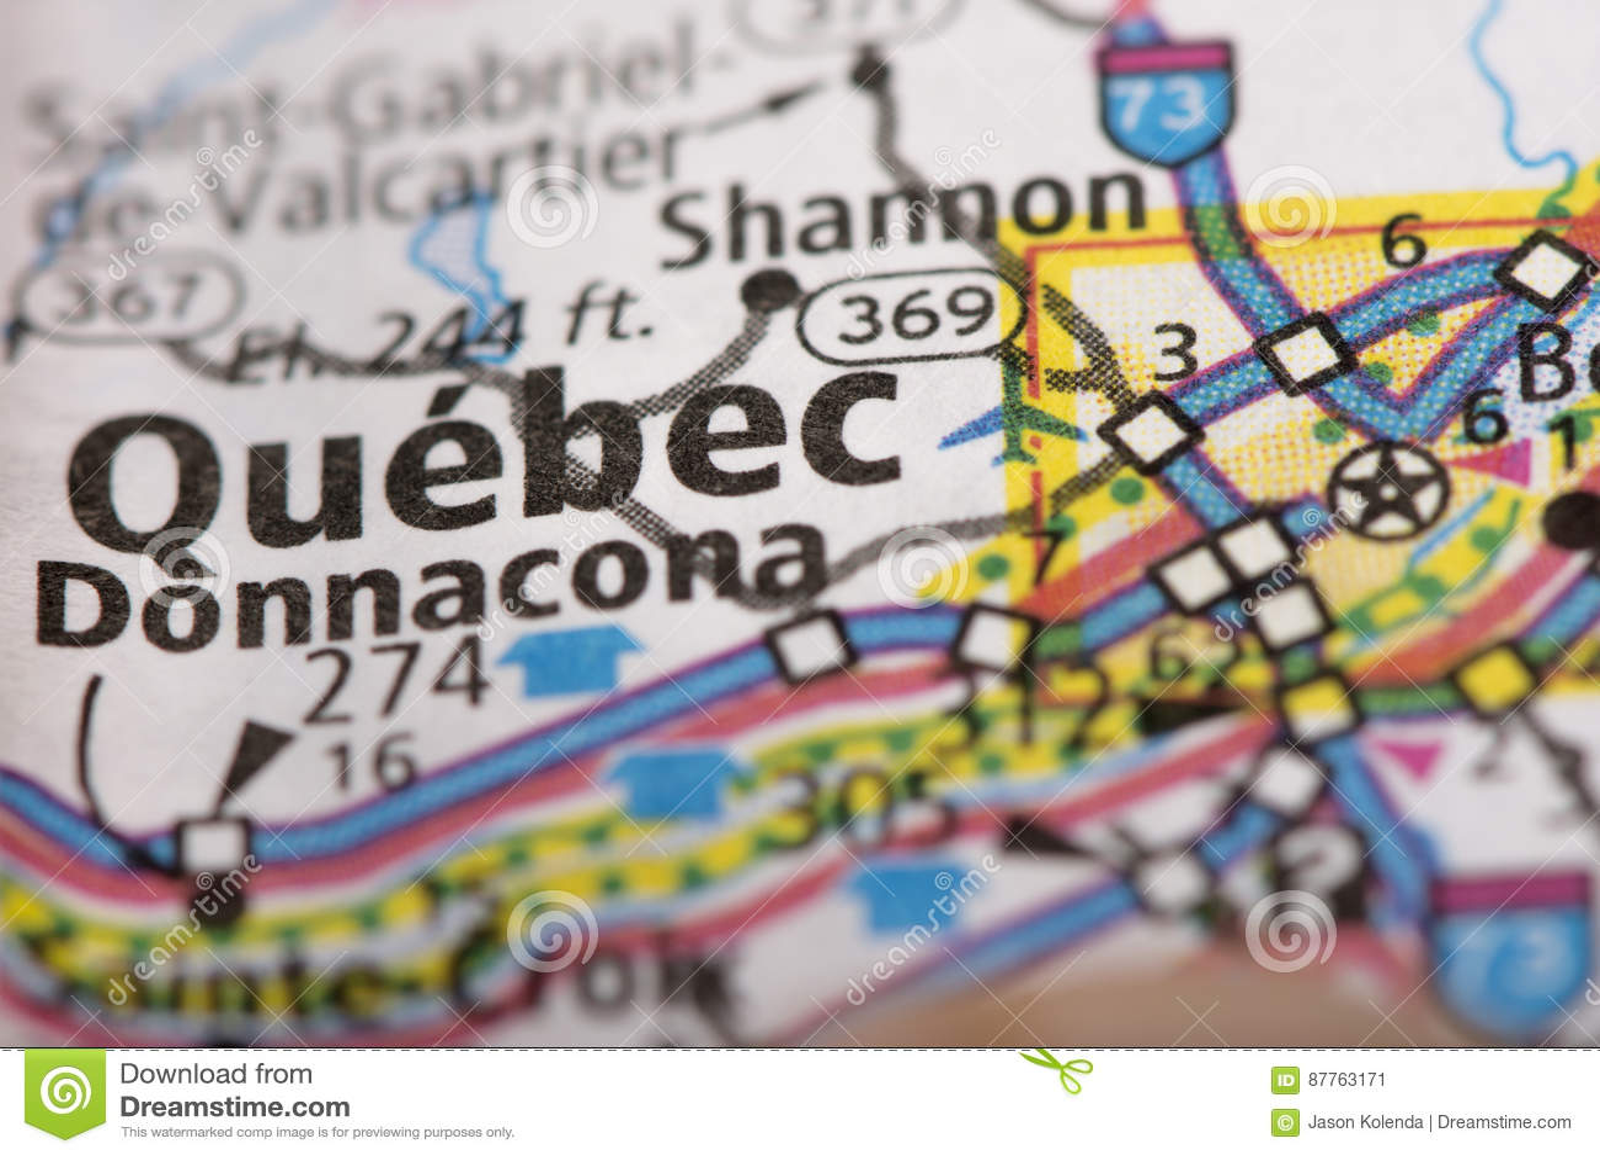 Quebec Karte.Québec Stadt Auf Karte Stockbild Bild Von Welt Papier 87763171